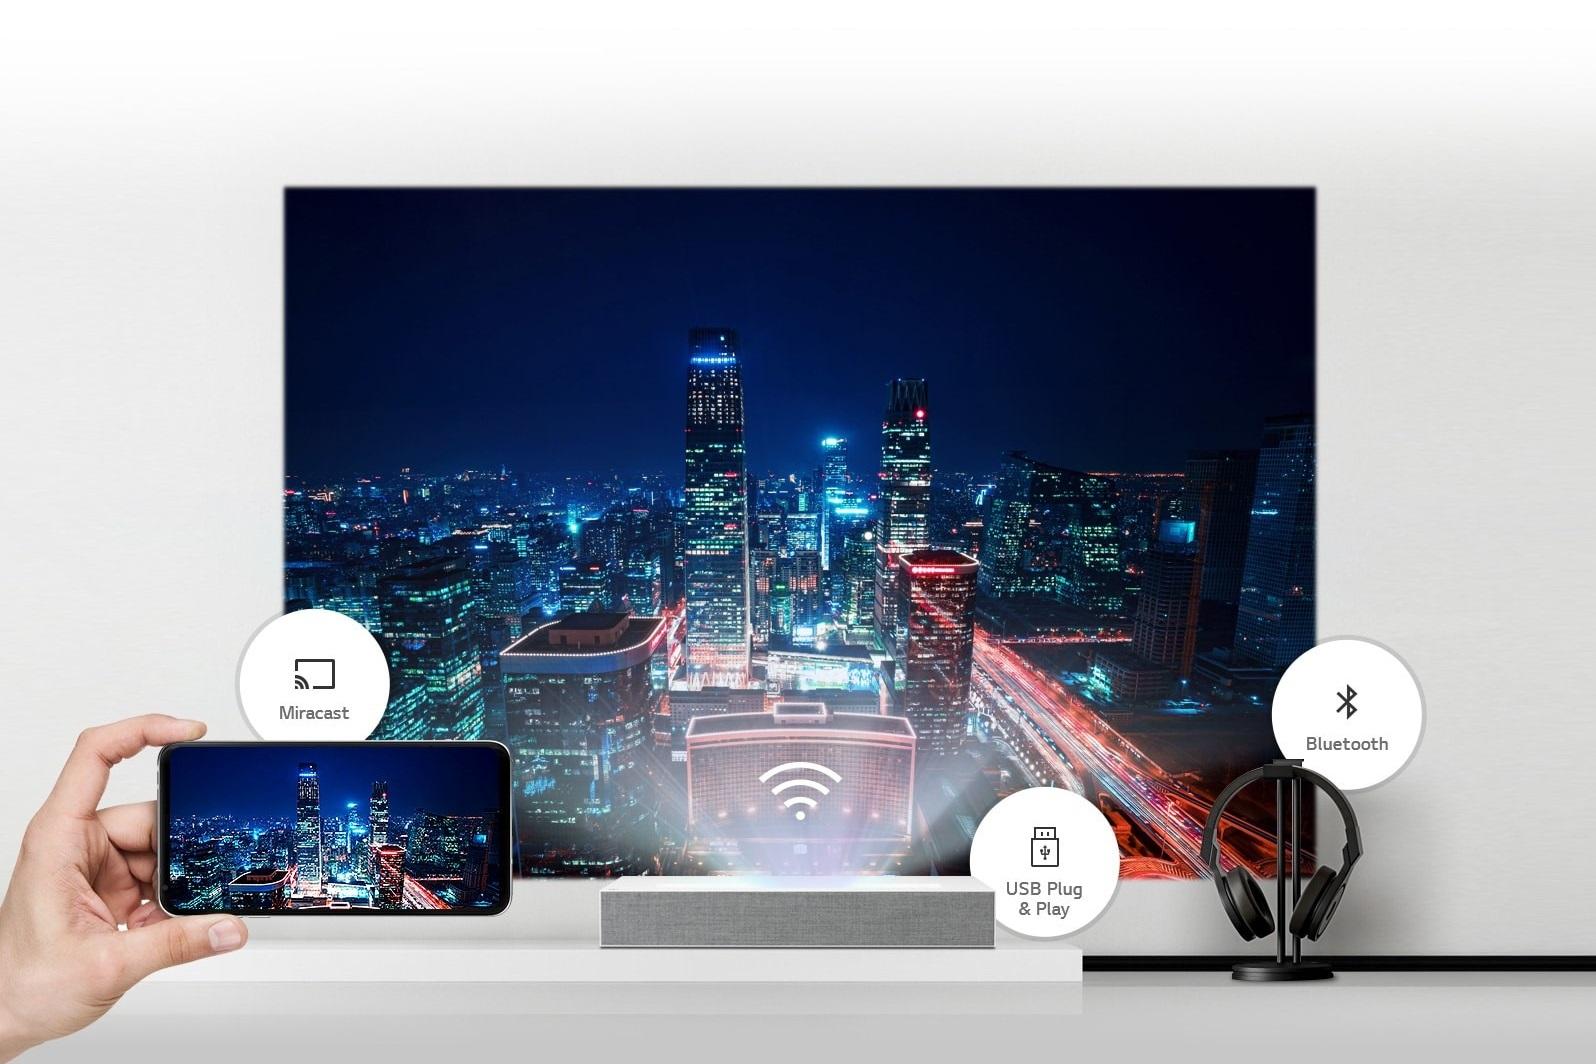 Máy chiếu HU85LG có đa dạng kết nối không dây